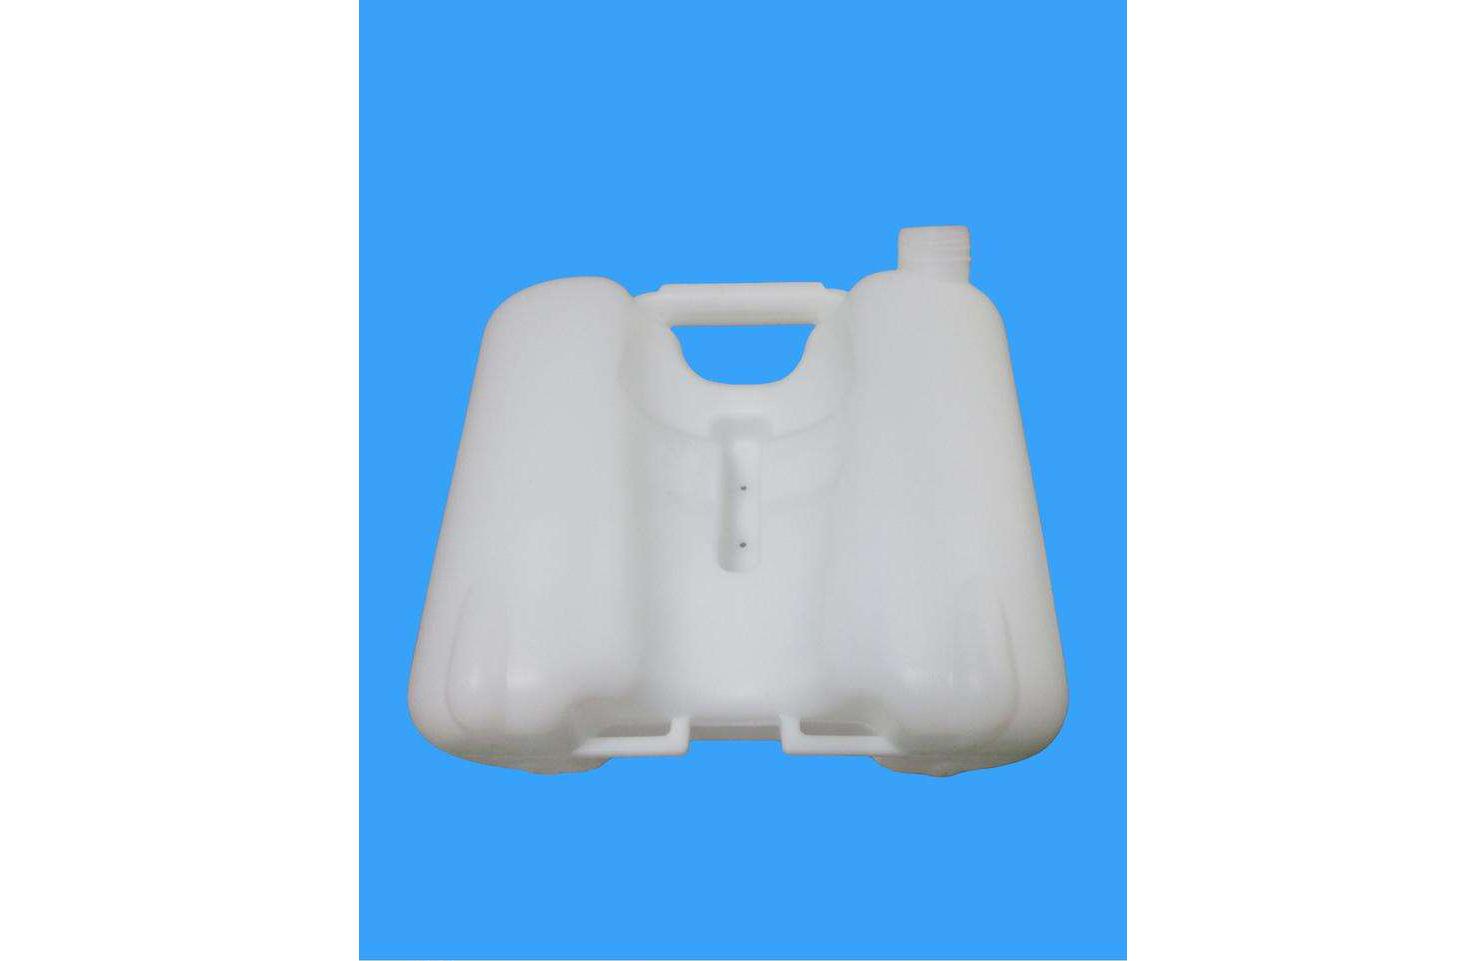 吹塑制品厂讲述吹塑加工机械产生